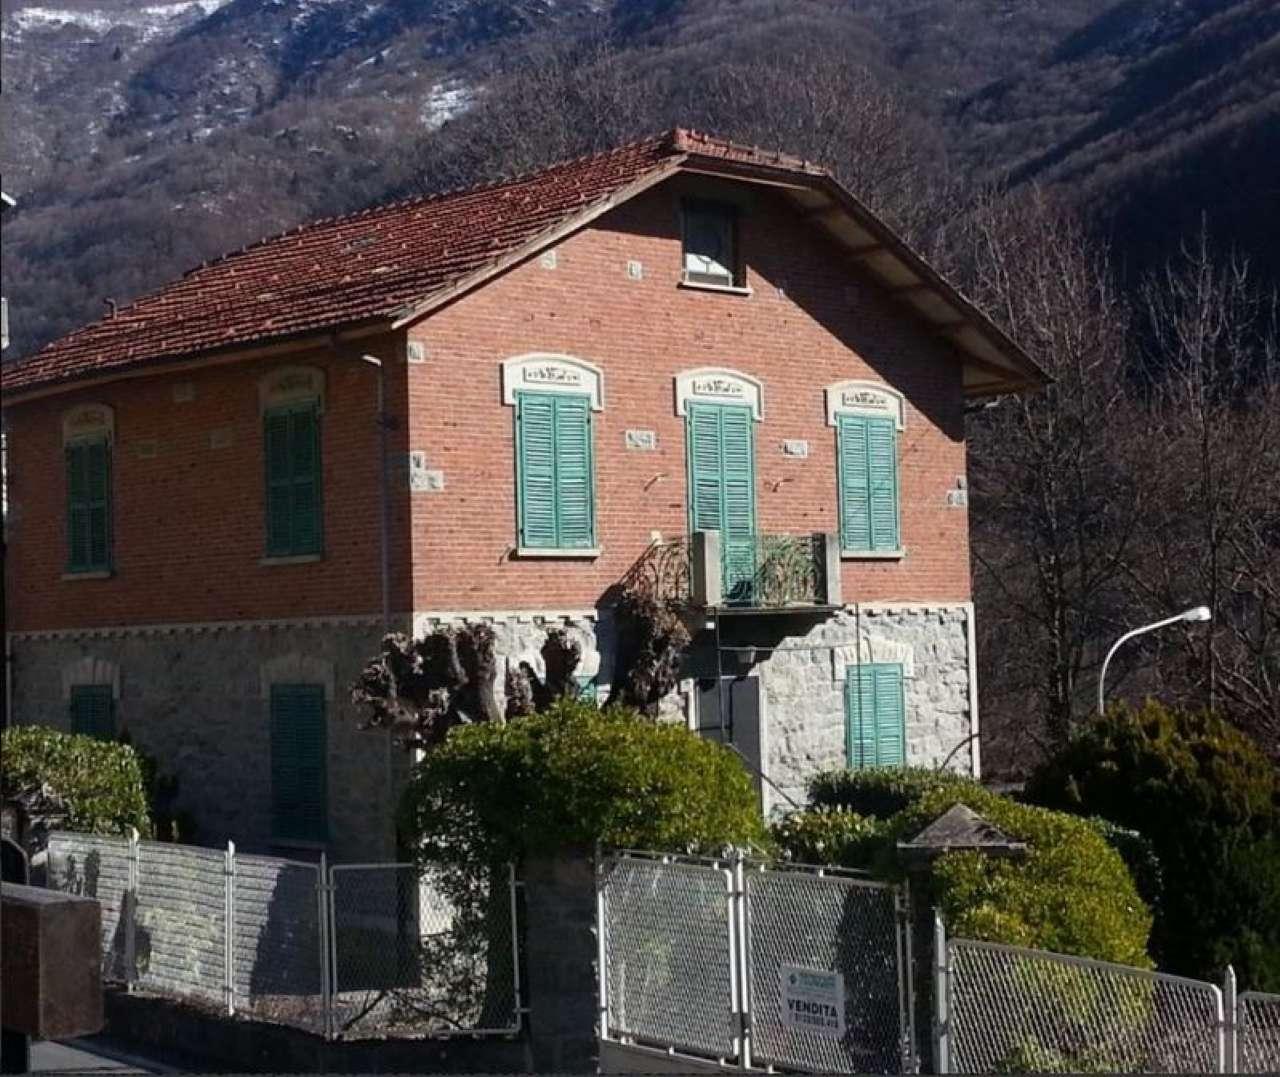 Appartamento in vendita a Ceres, 5 locali, prezzo € 180.000 | CambioCasa.it